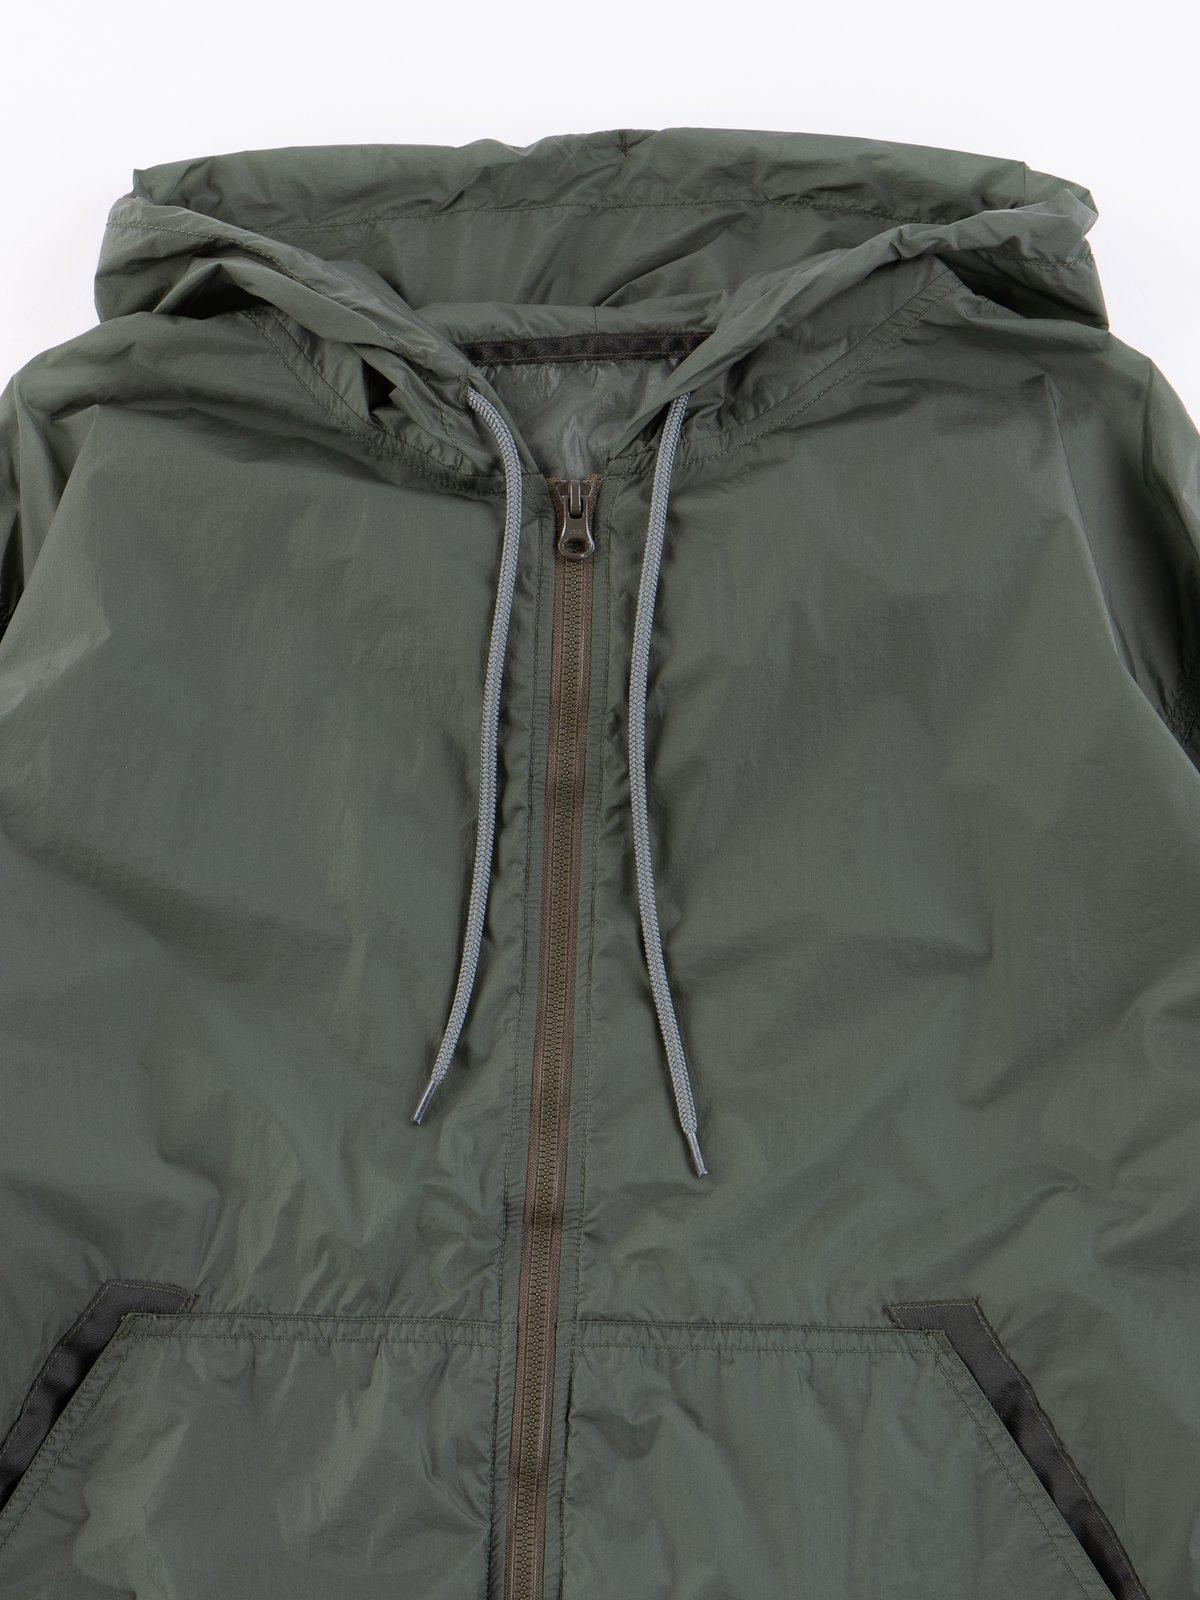 Khaki Packable Cruiser Jacket - Image 3